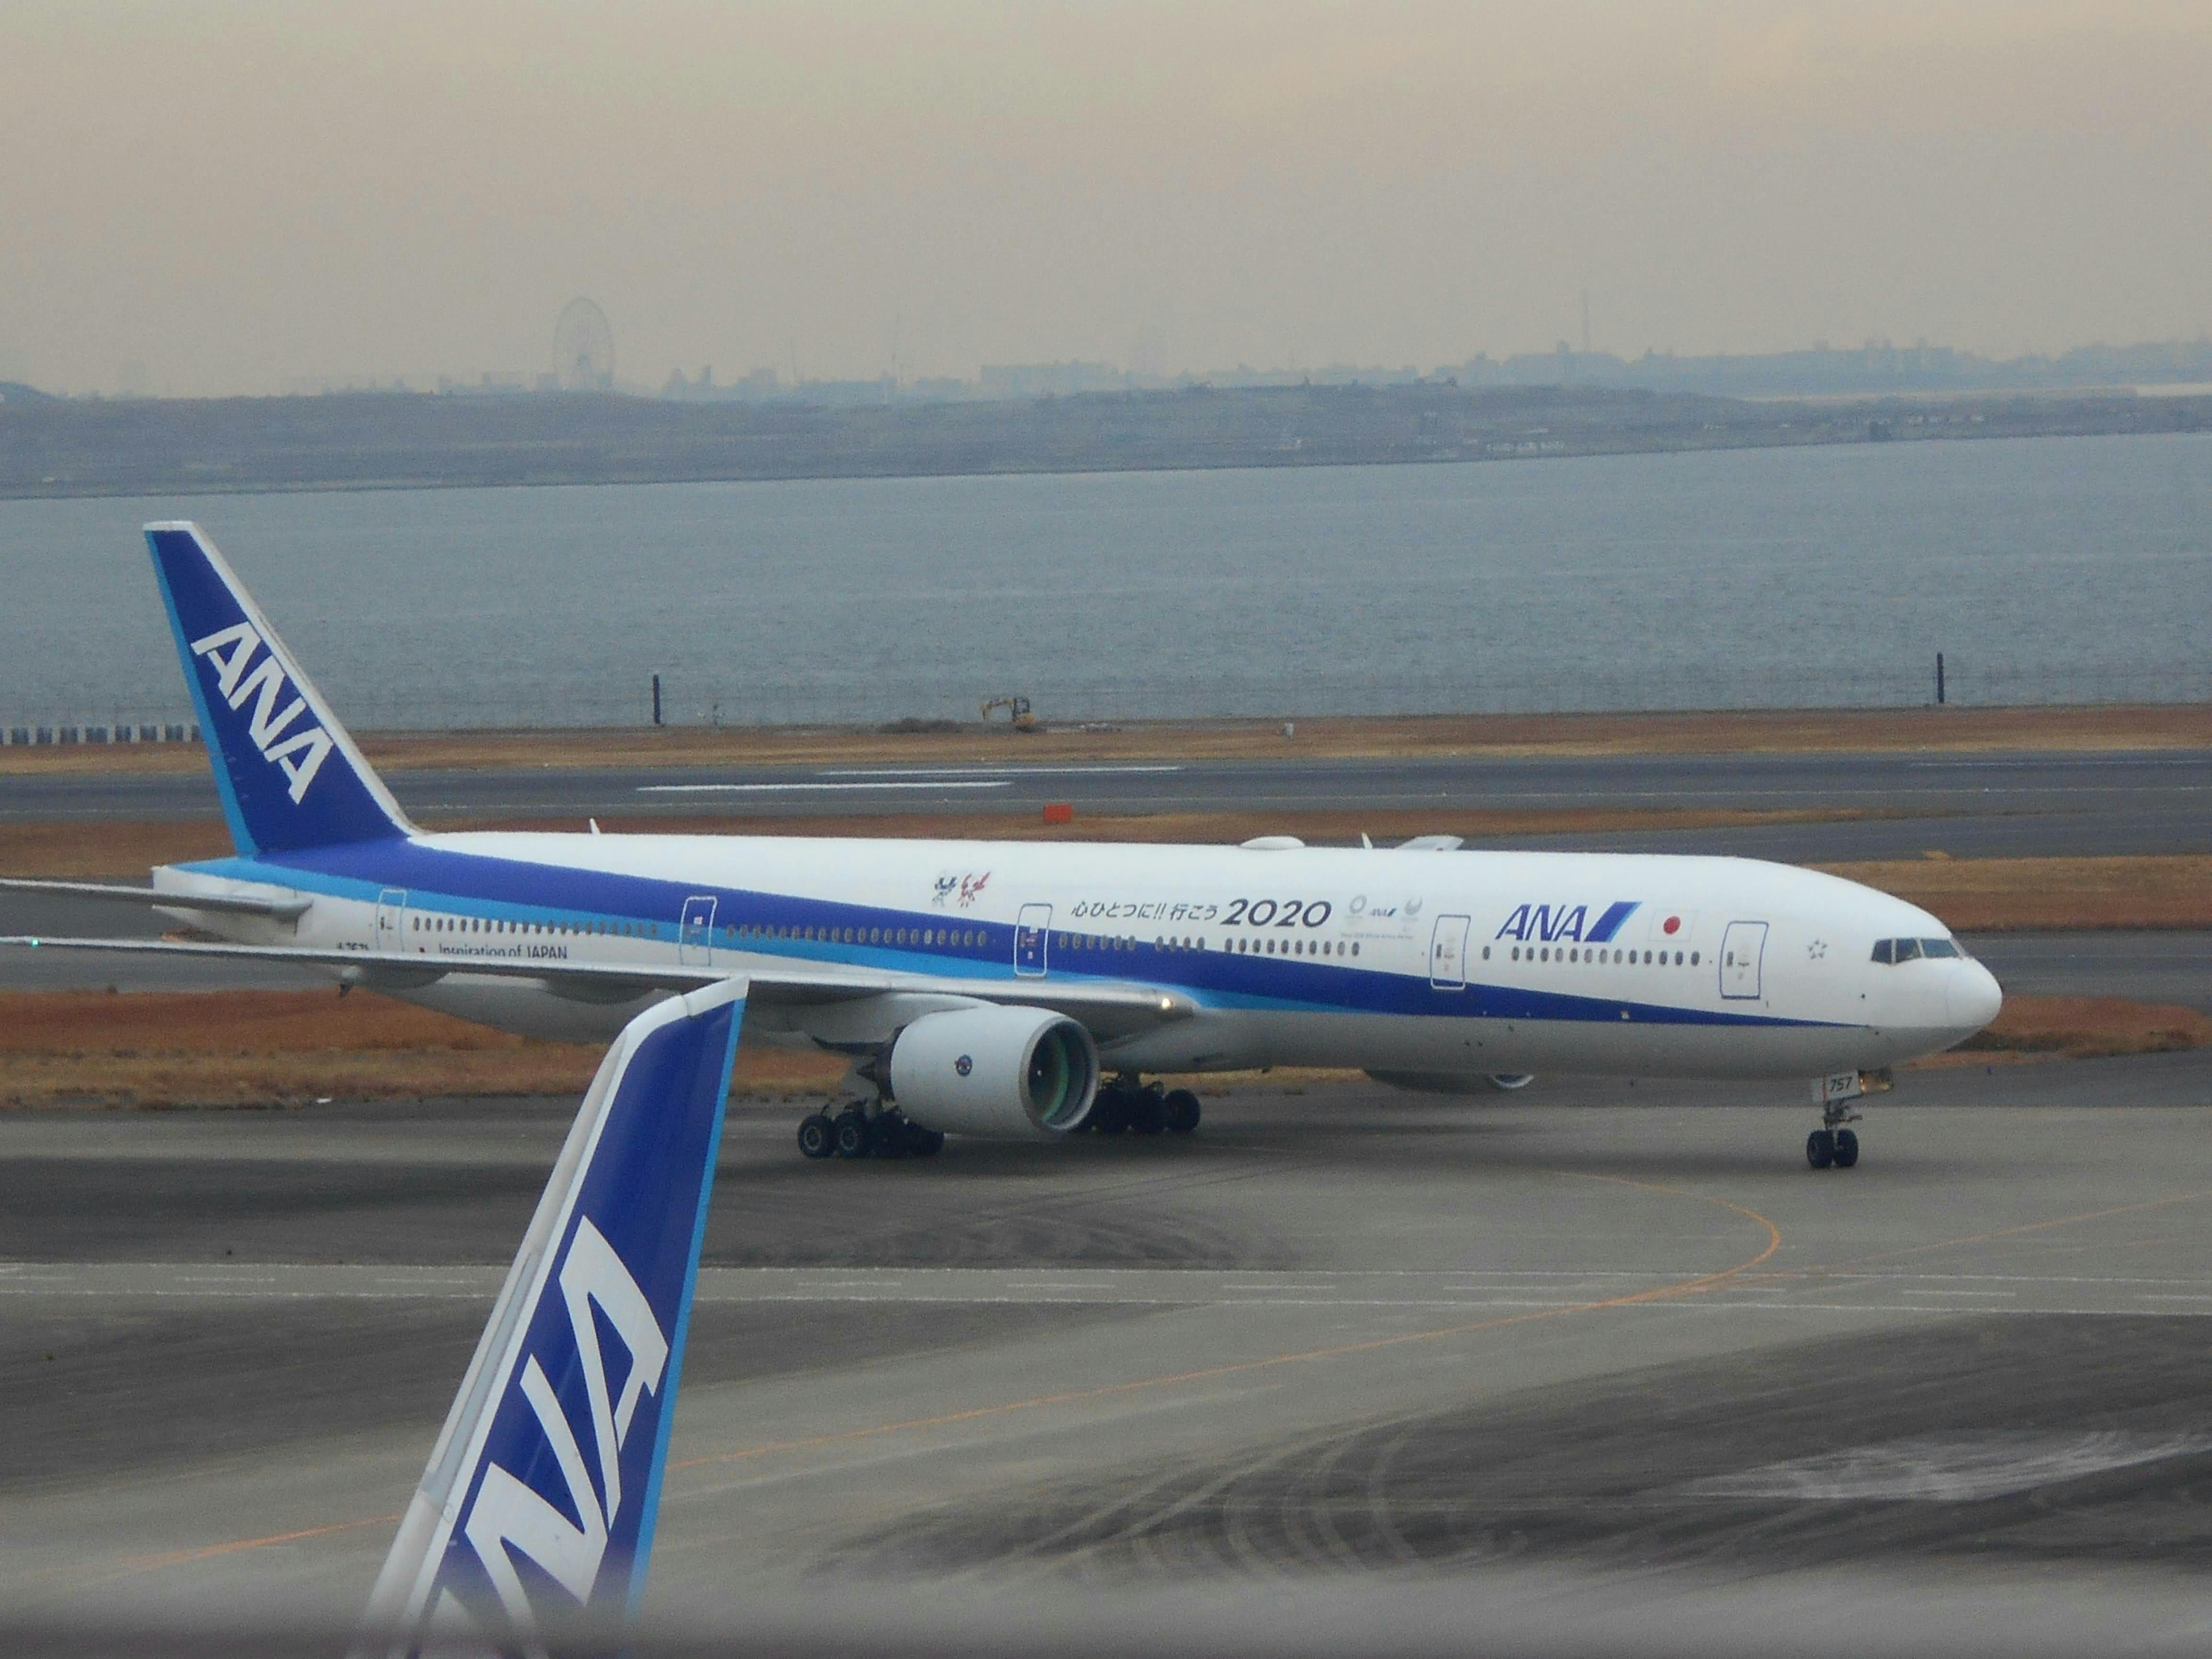 f:id:A350-900:20210224201313j:image